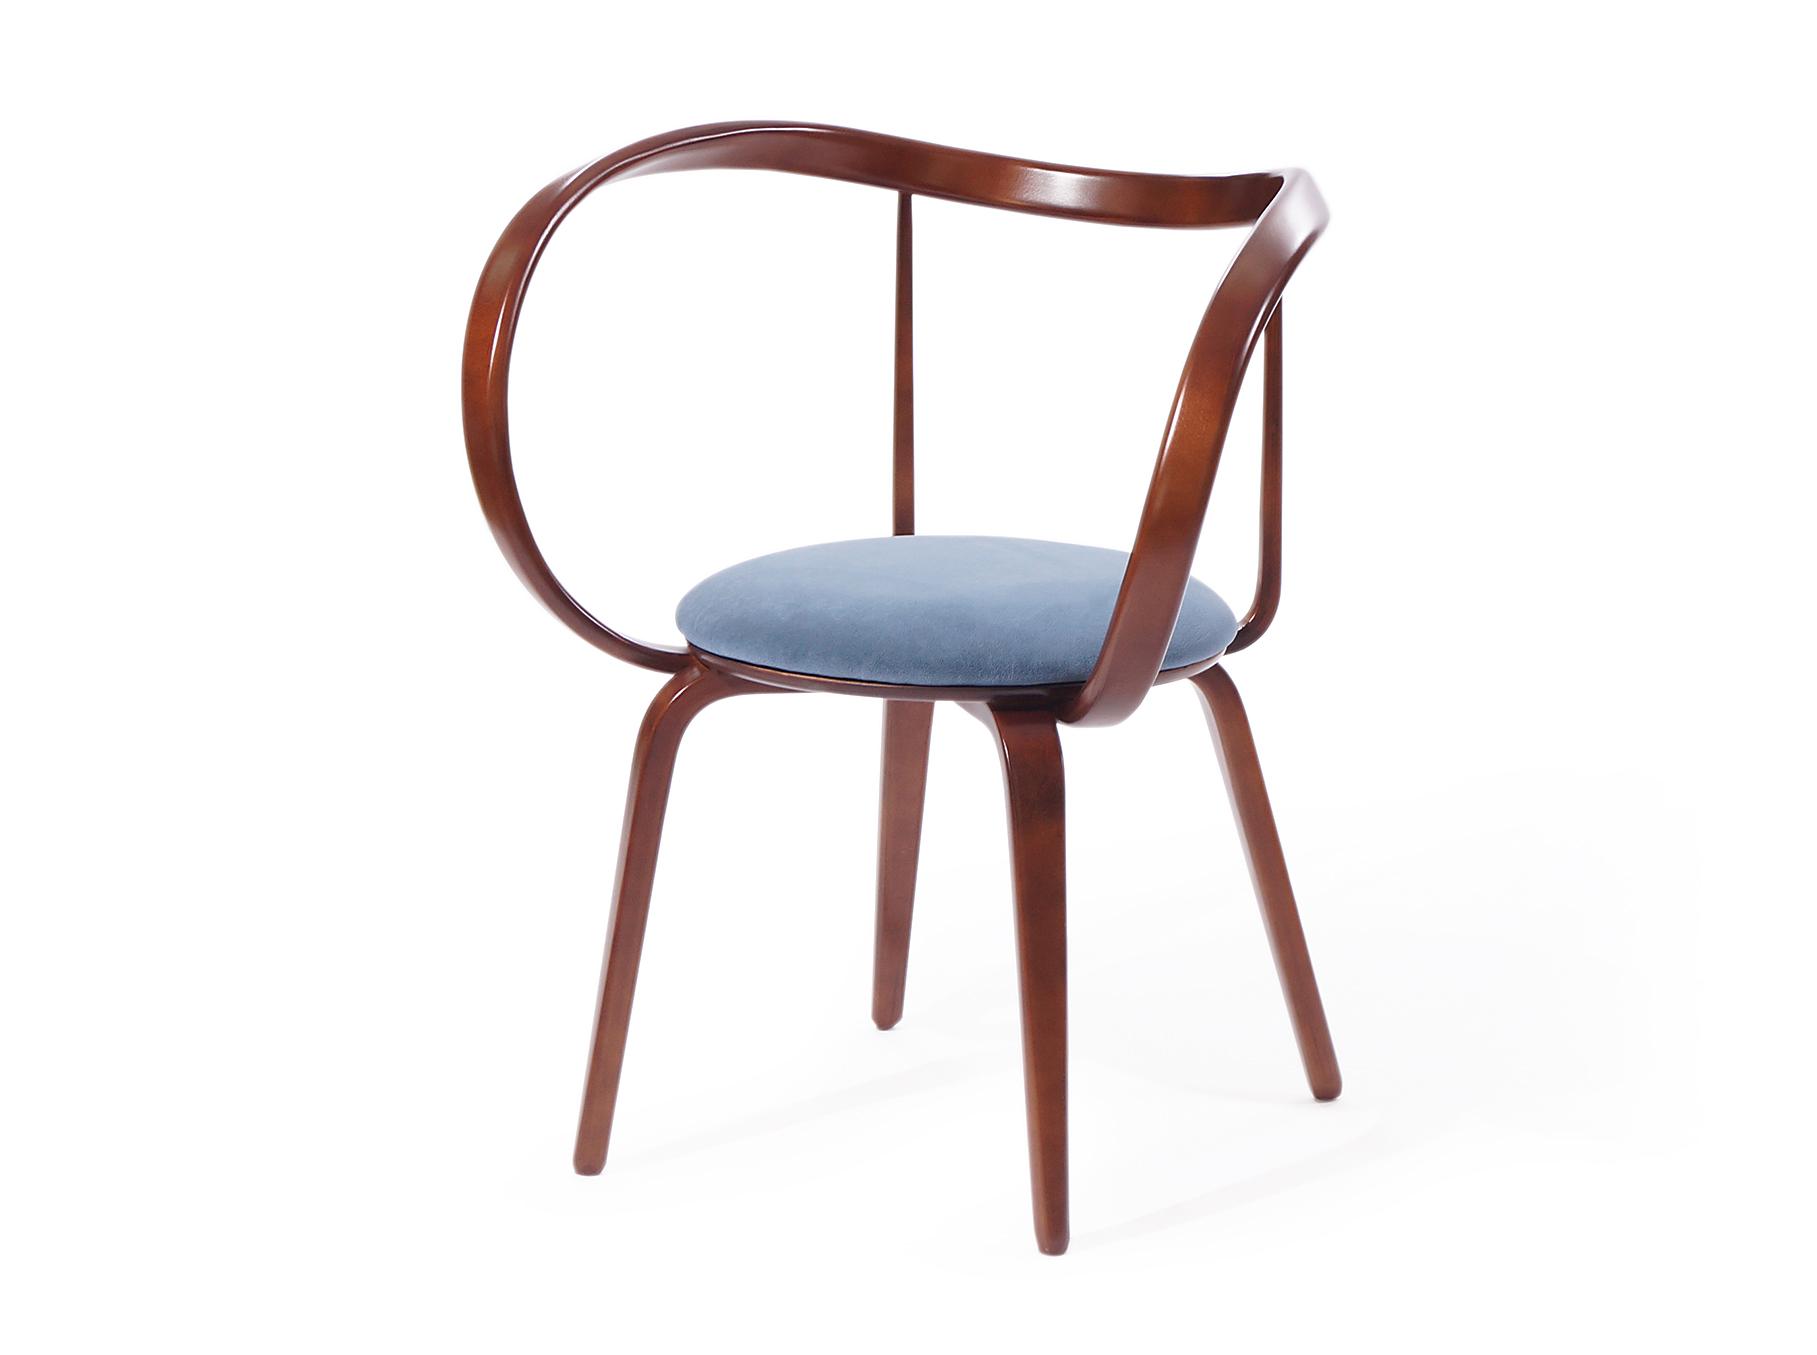 """Стул """"Apriori XL""""Обеденные стулья<br>Альтернативная модель стула авторской работы коллекции Apriori с подлокотниками изготовлена из высококачественных материалов и является образцом оригинального дизайна.<br>Этот стул будет прекрасно сочетаться с моделями из коллекции, а также и с имеющимися в Вашем интерьере предметами. Изящные формы придают ему ощущение лёгкости, что делает его особенно желанным предметом.<br><br>Material: Дерево<br>Ширина см: 53.0<br>Высота см: 83.0<br>Глубина см: 73.0"""